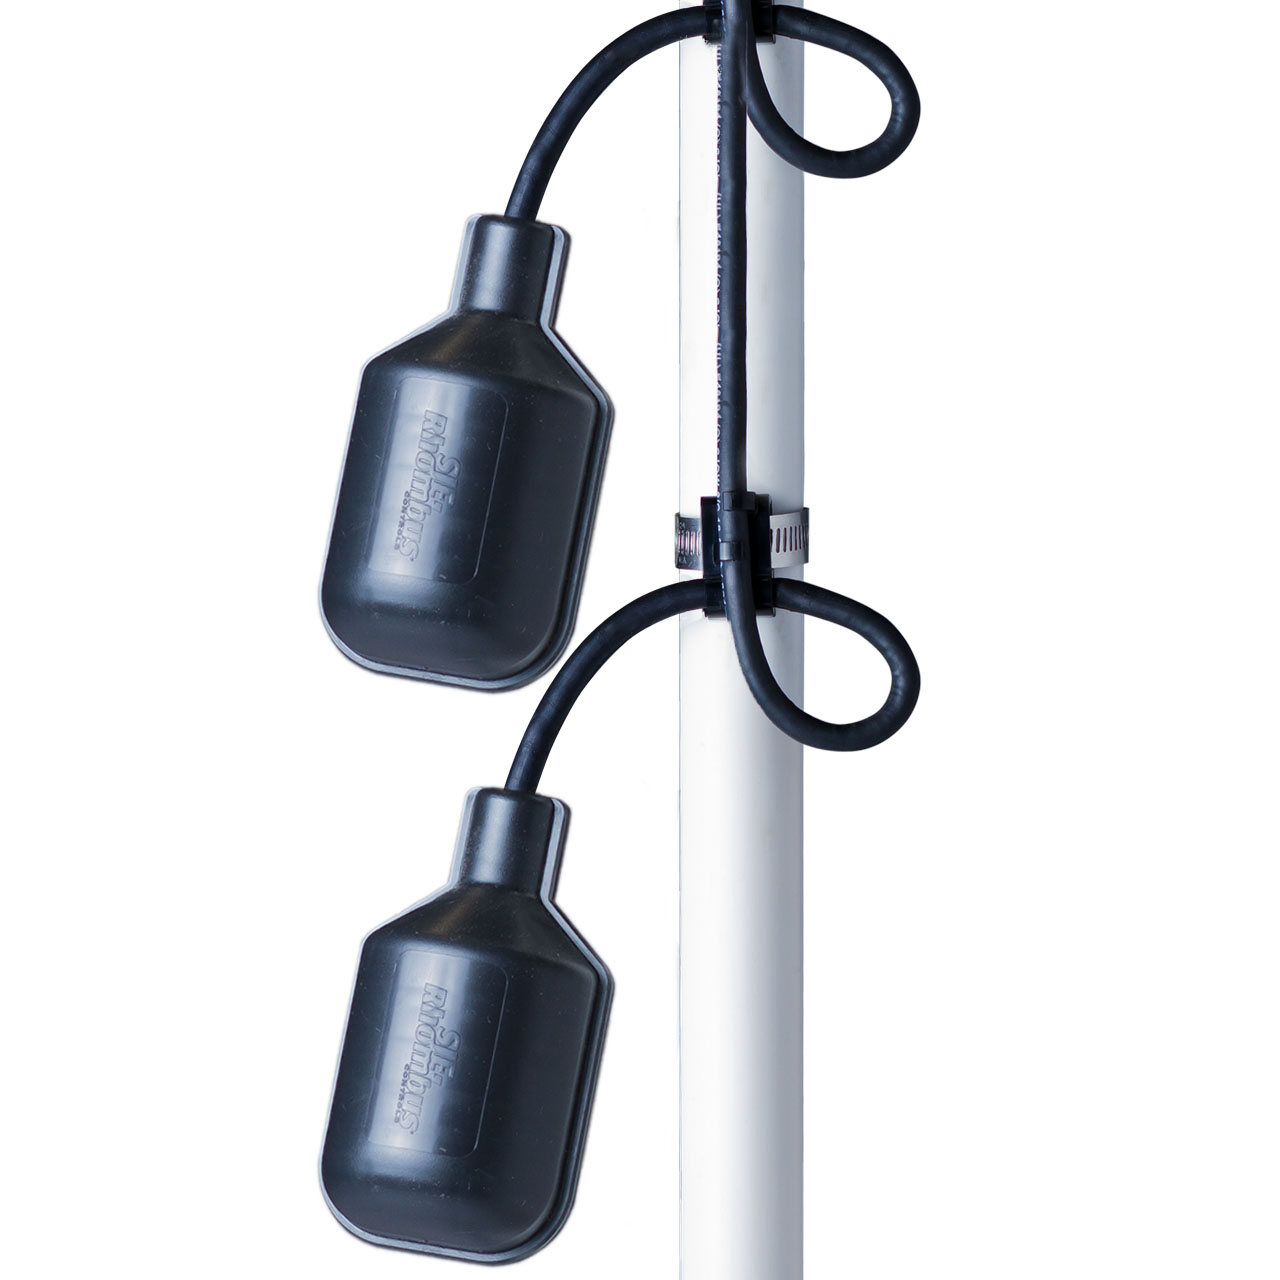 sje rhombus sje rhombus 15dfmmd2wp double float master pump sje rhombus sje rhombus 15dfmmd2wp double float master pump switch pump down 230v 15 cord w plug sje1017657